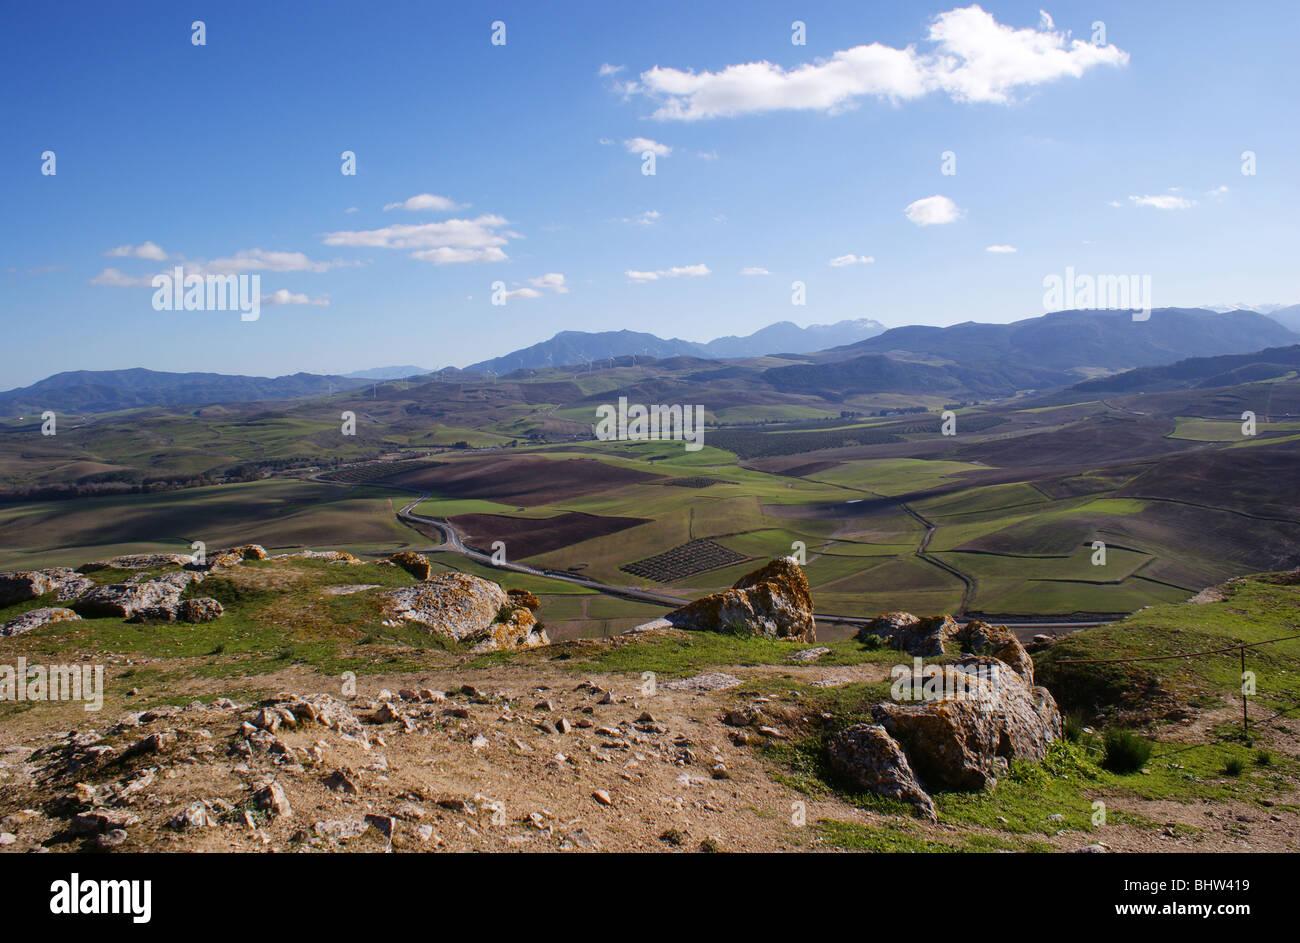 Il castello di TEBA Andalusia Spagna SITO DI BATTAGLIA IN crociate dove nero Douglas di Scozia è stato ucciso, Immagini Stock